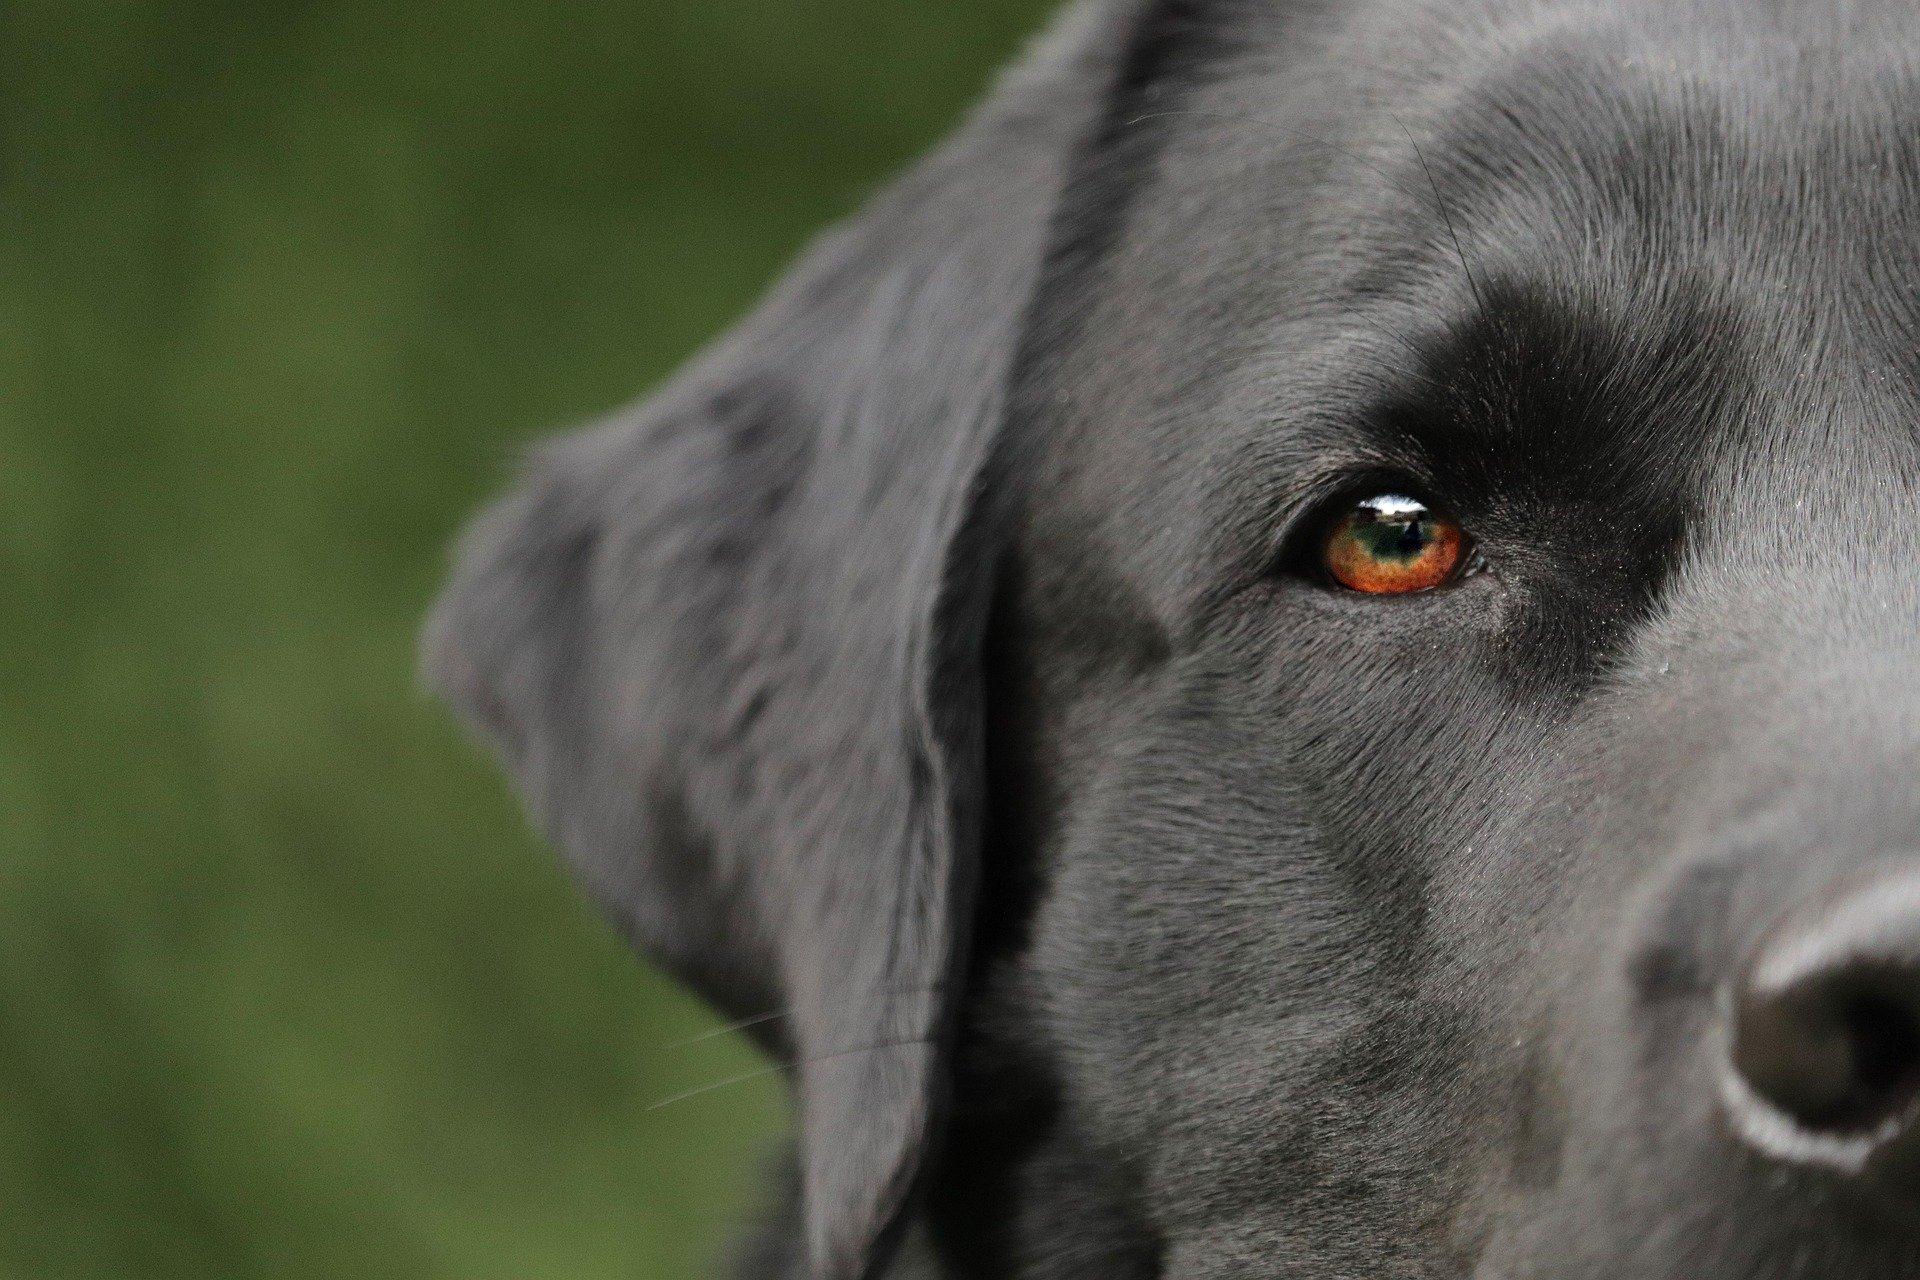 Problèmes oculaires chez les chiens